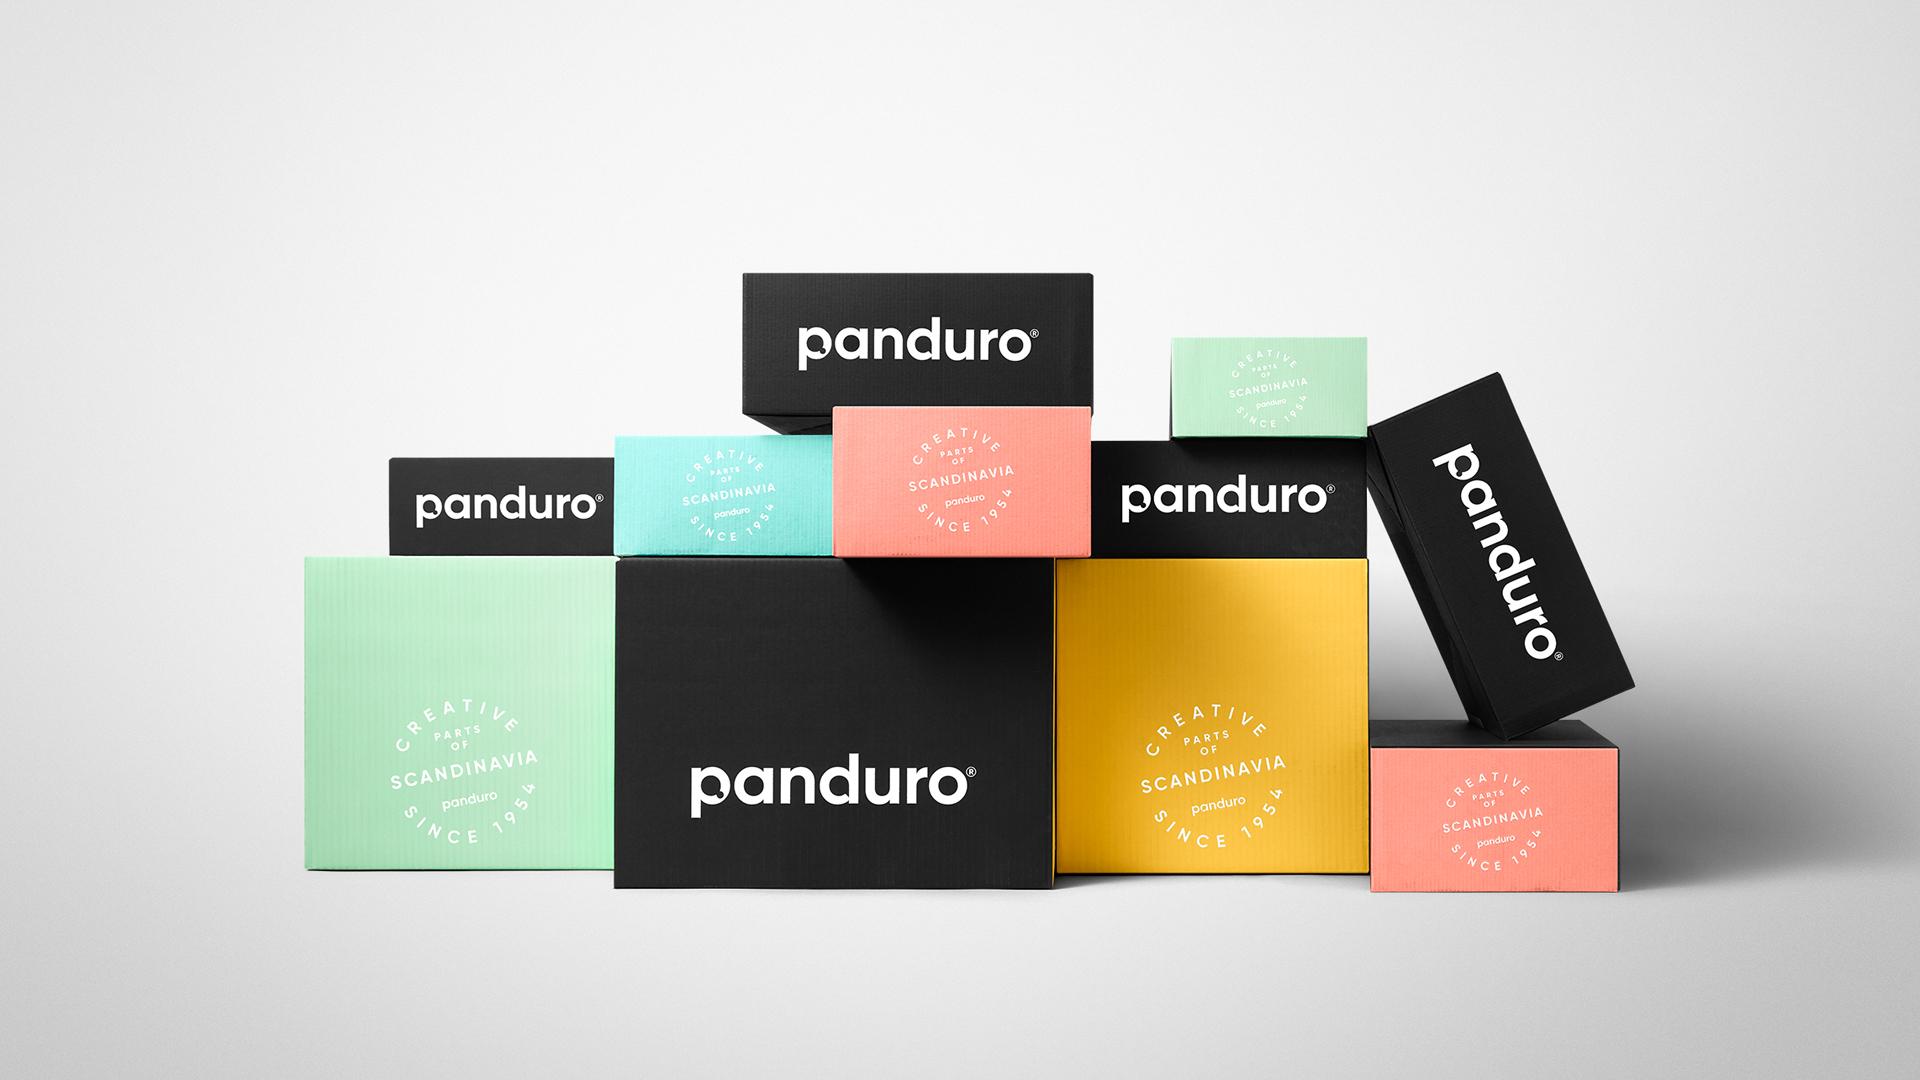 11. Panduro_long